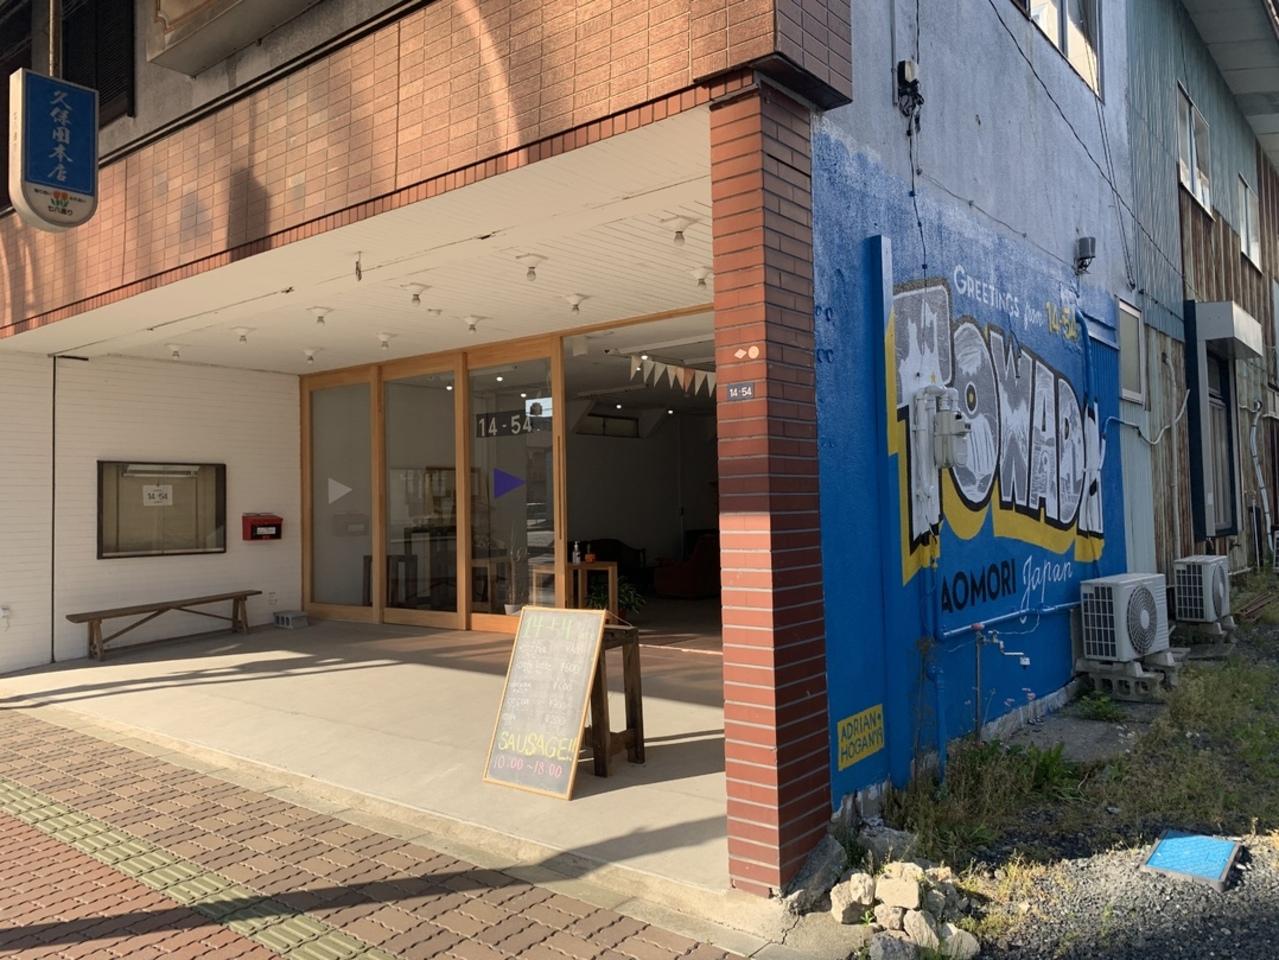 5.7 OPEN!自家製ソーセージ・ダルゴナ風ドリンク味わえる⁈十和田市 「14-54cafe」